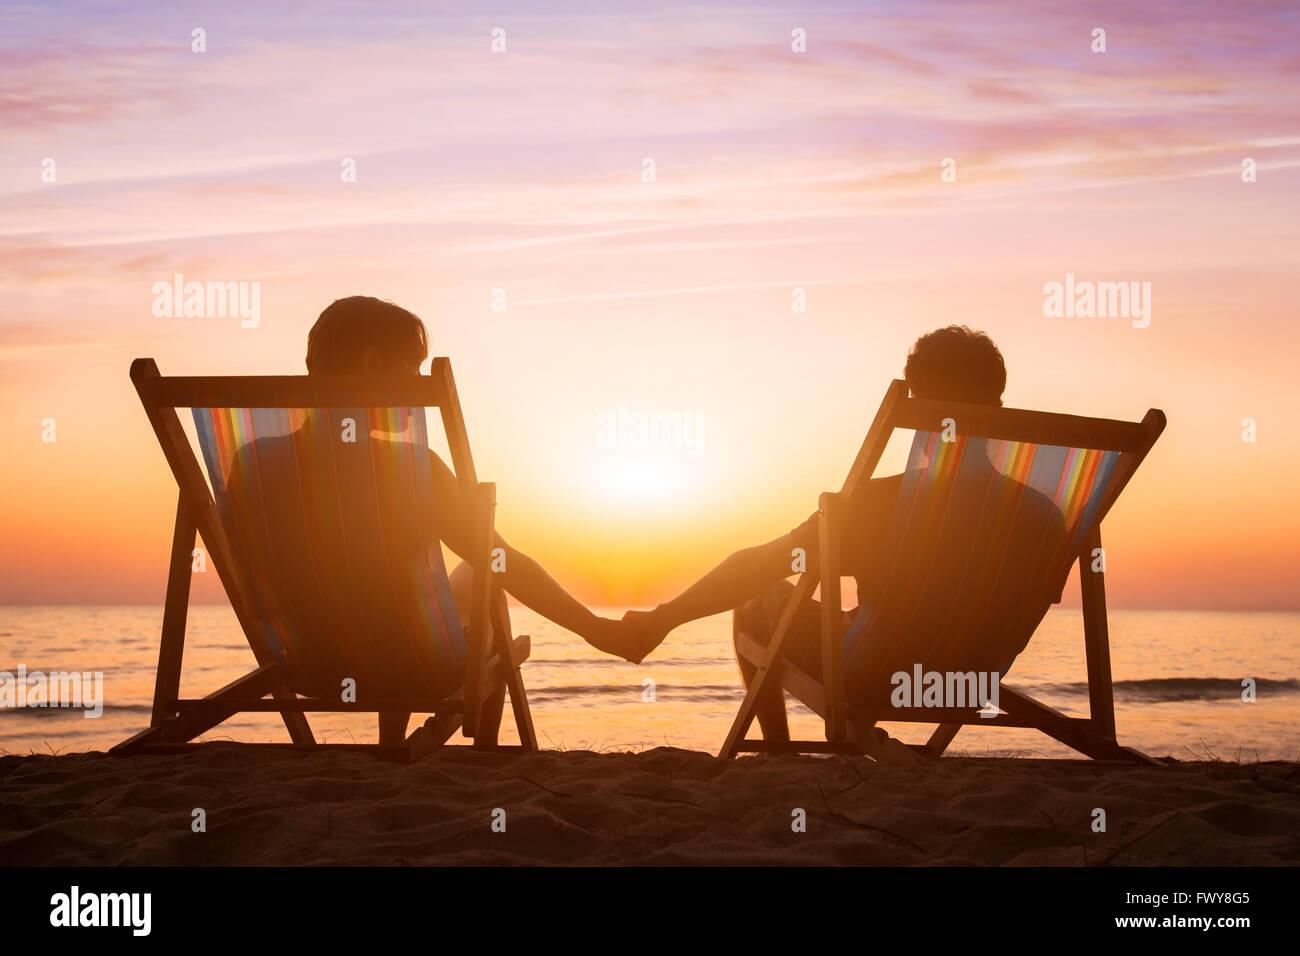 Amore romantico sfondo, luna di miele, giovane rilassante sulla spiaggia al tramonto Foto Stock